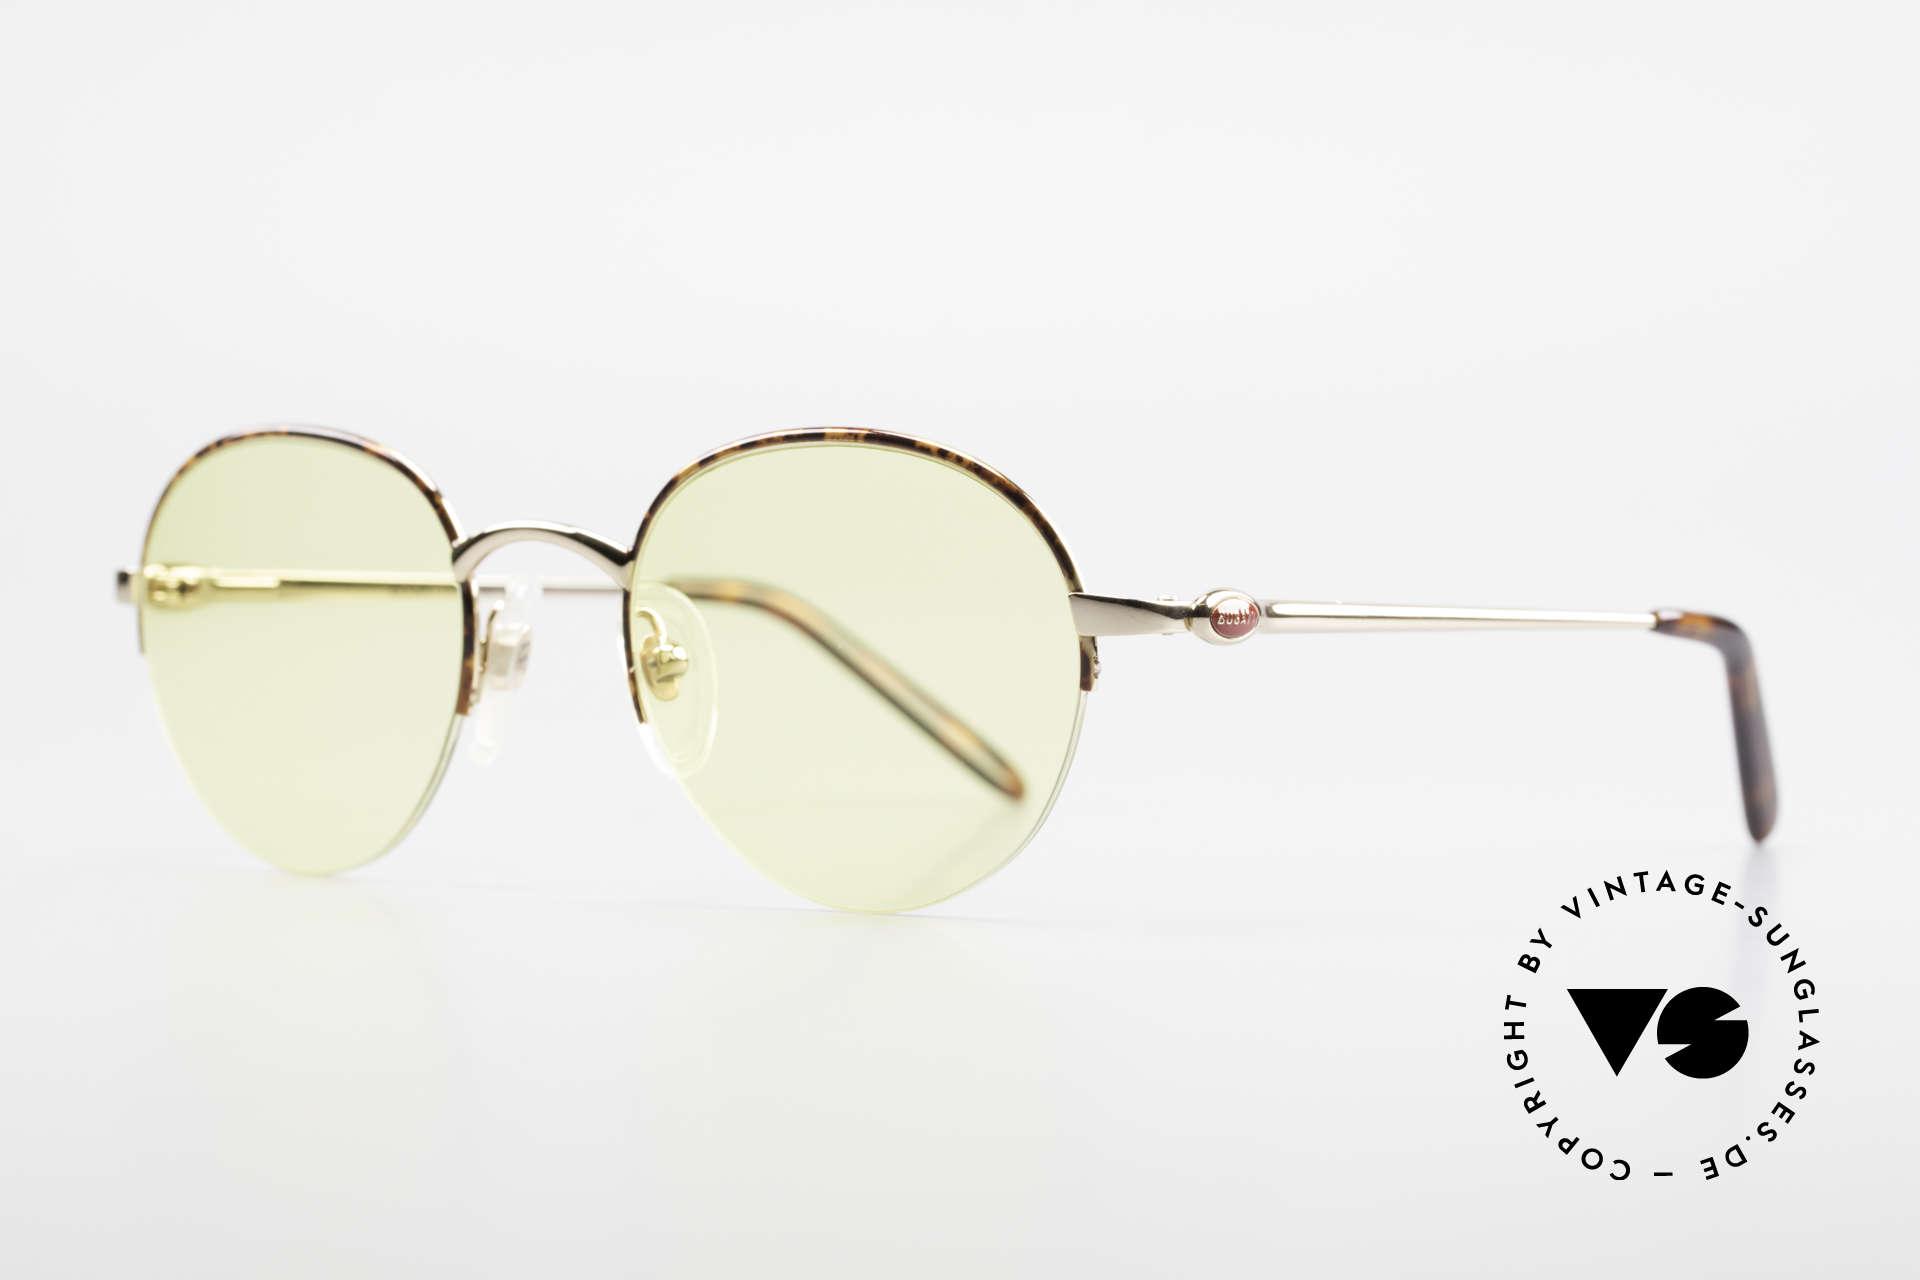 Bugatti 26612 Rare 90er Bugatti Panto Brille, vergoldet/schildpatt und flexible Federgelenke, Passend für Herren